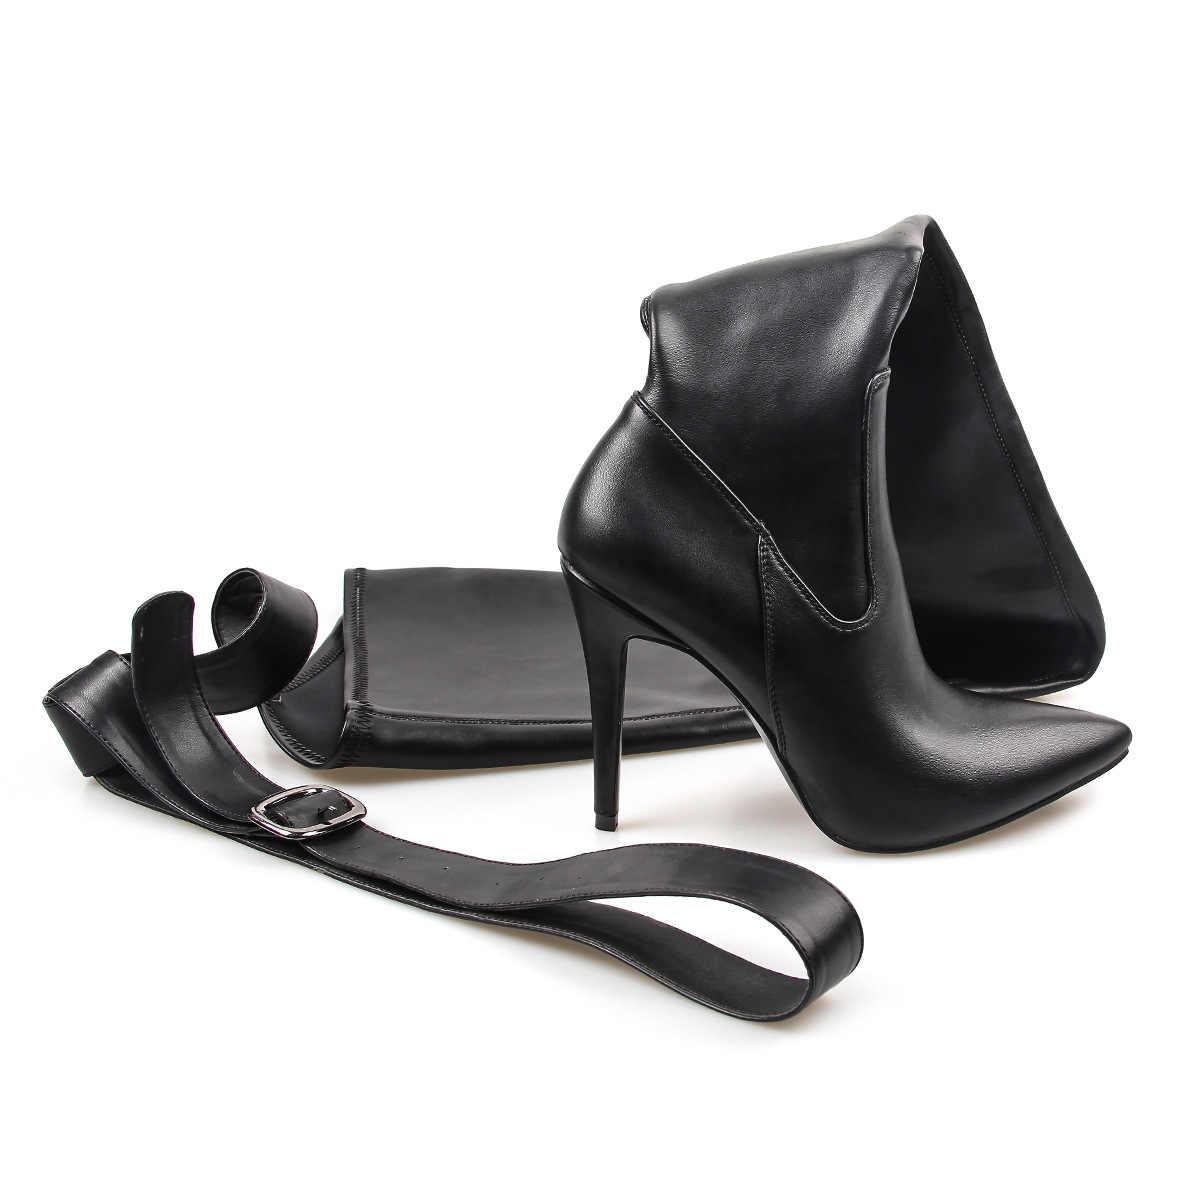 2019 Yeni Kadın PU Diz Çizmeler Üzerinde Yüksek Çizme Rihanna Tarzı için Diz Üzerinde Çizmeler Kadın Ayakkabı Sivri Burun 10 cm Yüksek Topuklu Çizmeler